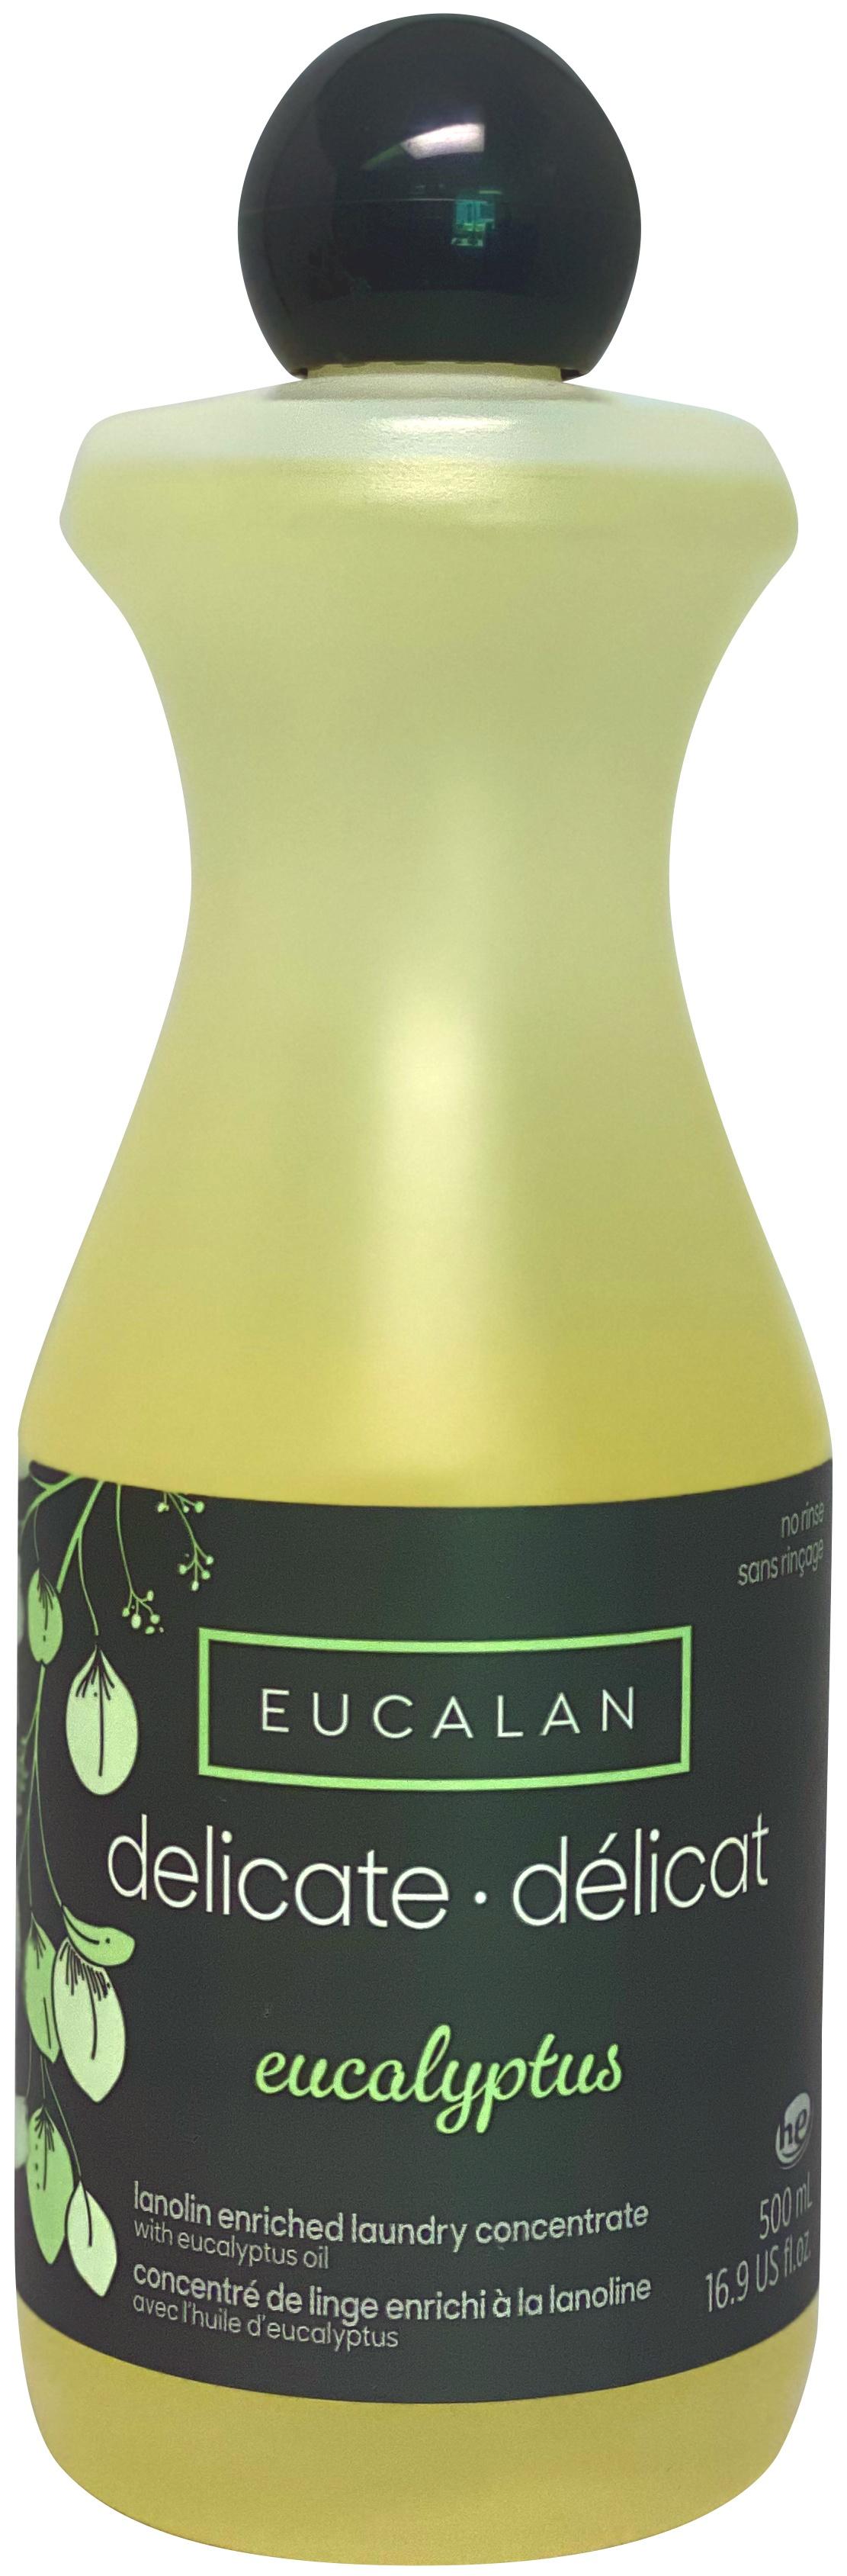 Eucalan Eucalyptus 16.9 oz